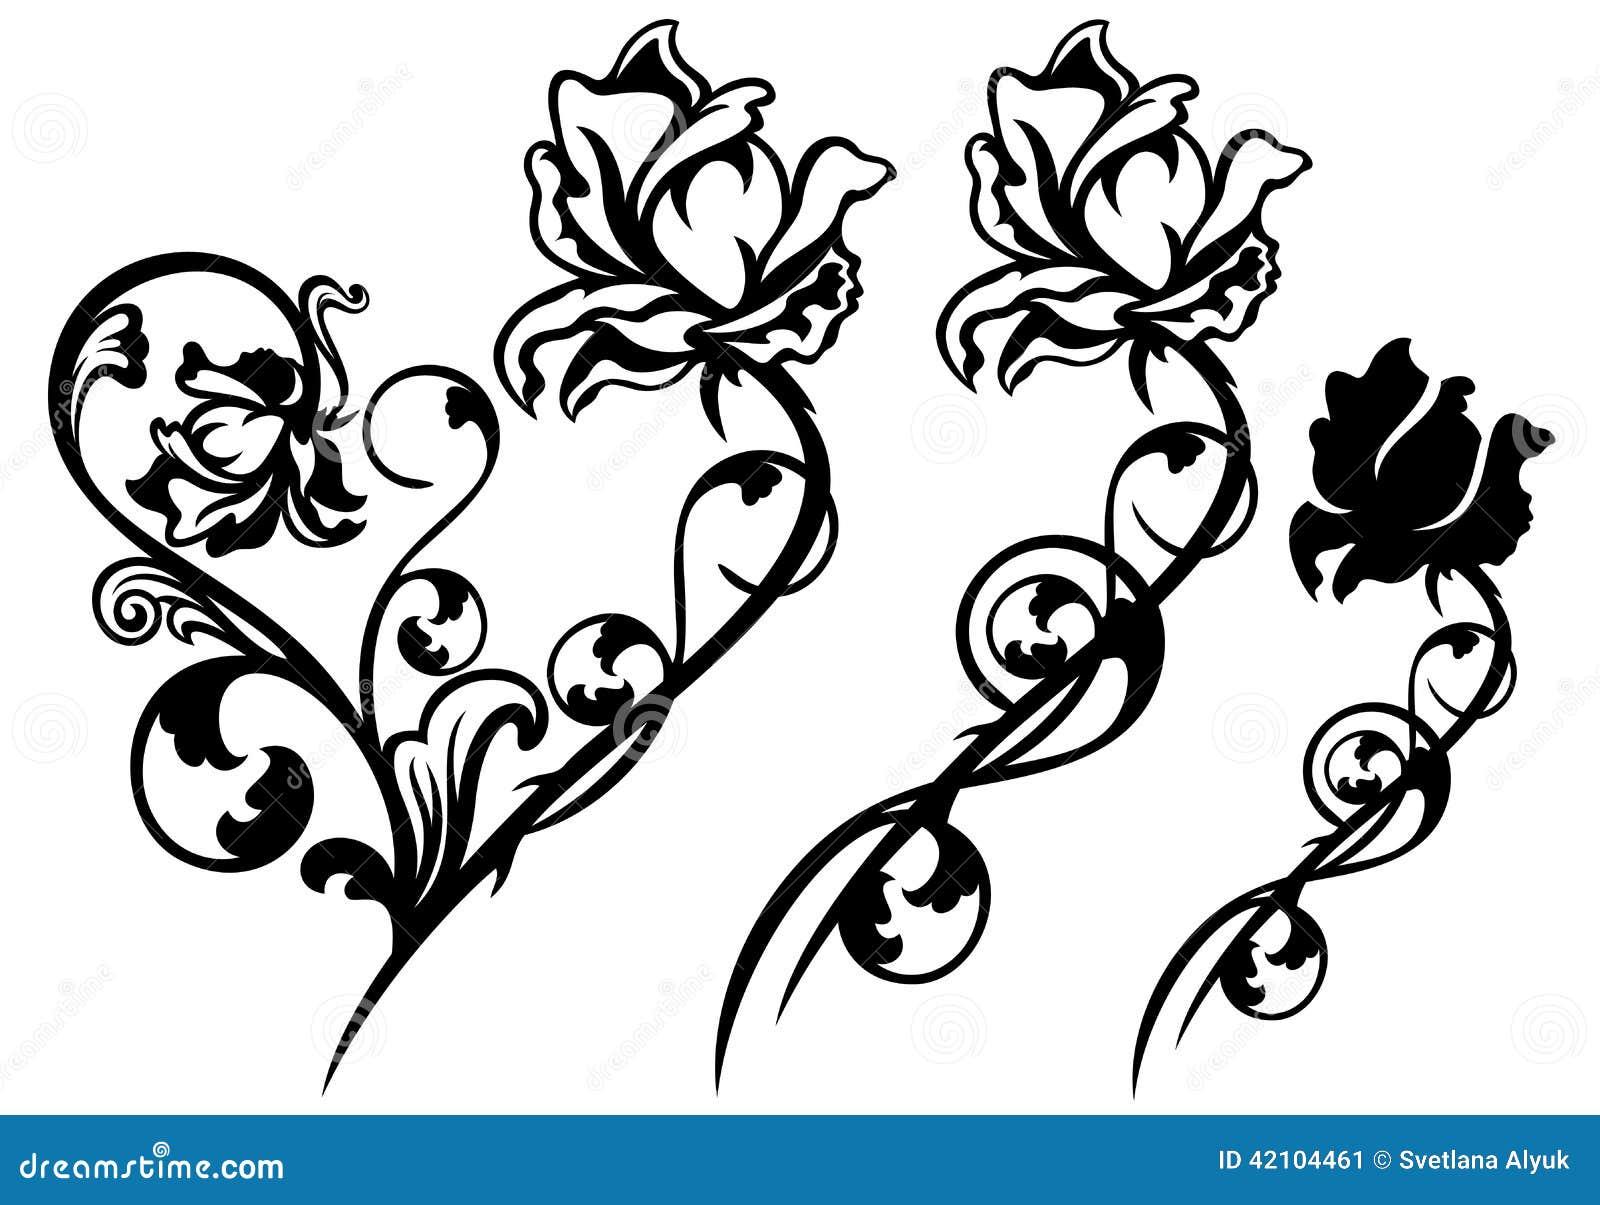 Rose Line Art Flower Design : Rose flower decor stock vector illustration of plant